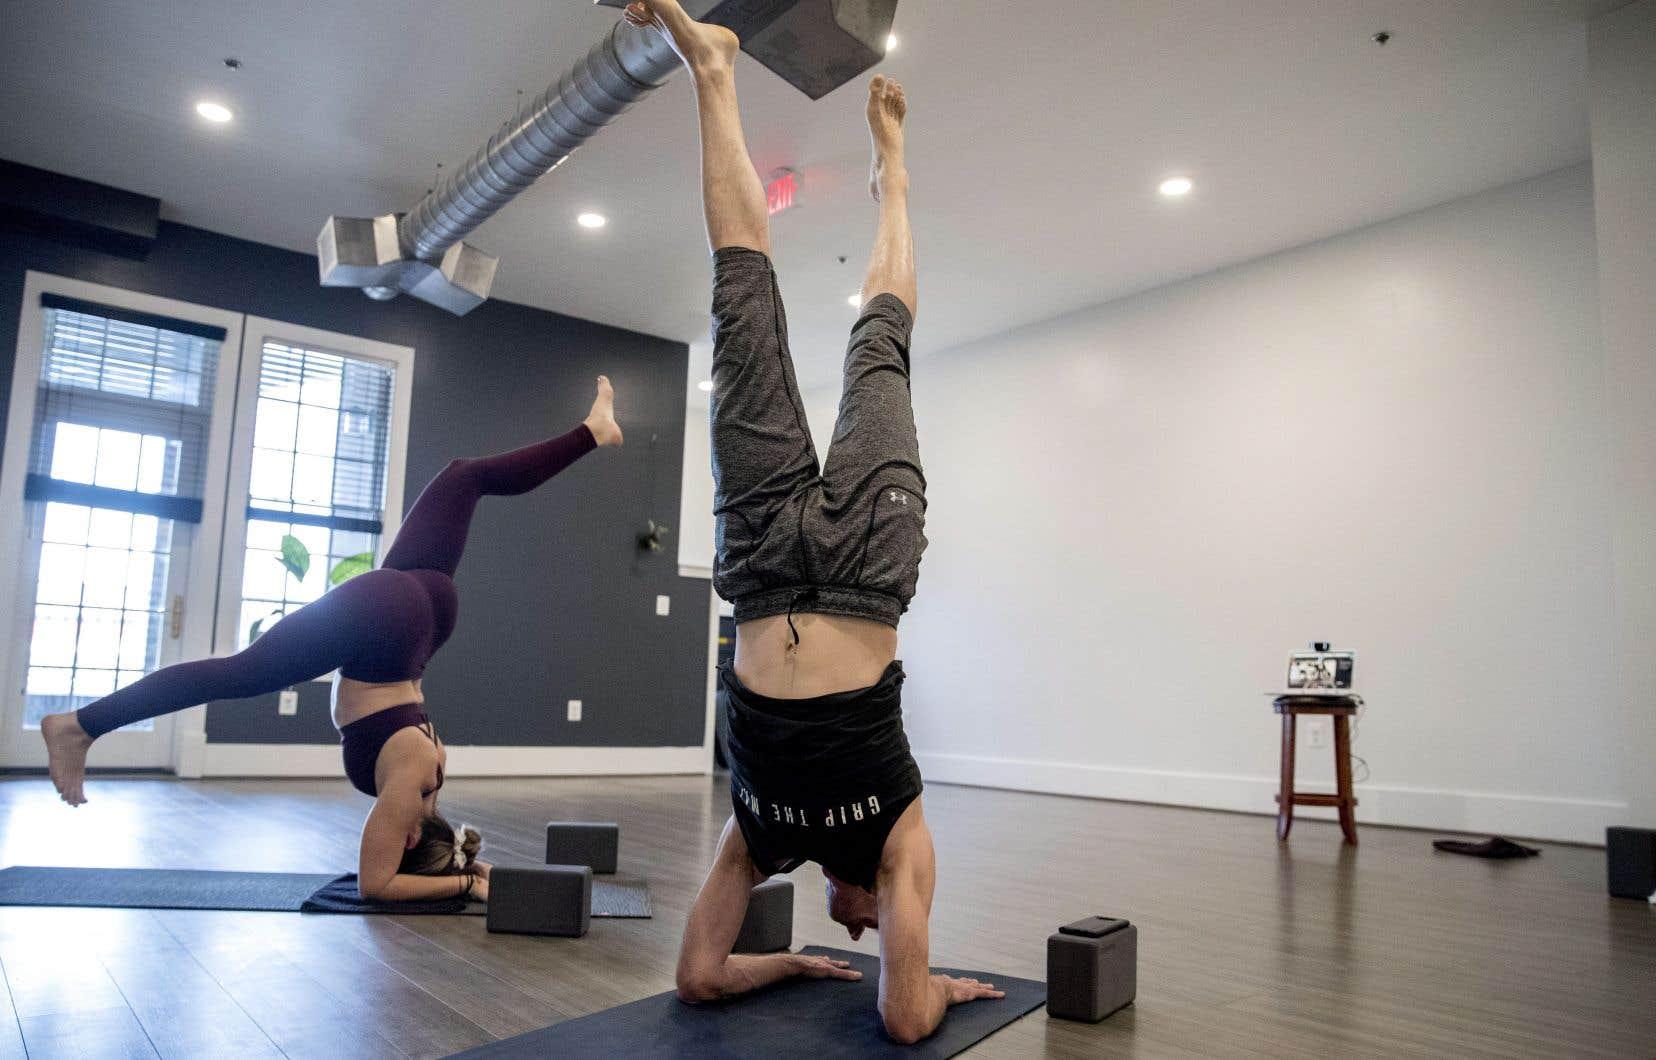 Depuis la mi-mars, les contenus étiquetés «home workout» (exercice physique à la maison) ont bondi de 200%, en termes de vues quotidiennes moyennes. Le yoga, notamment, cartonne.